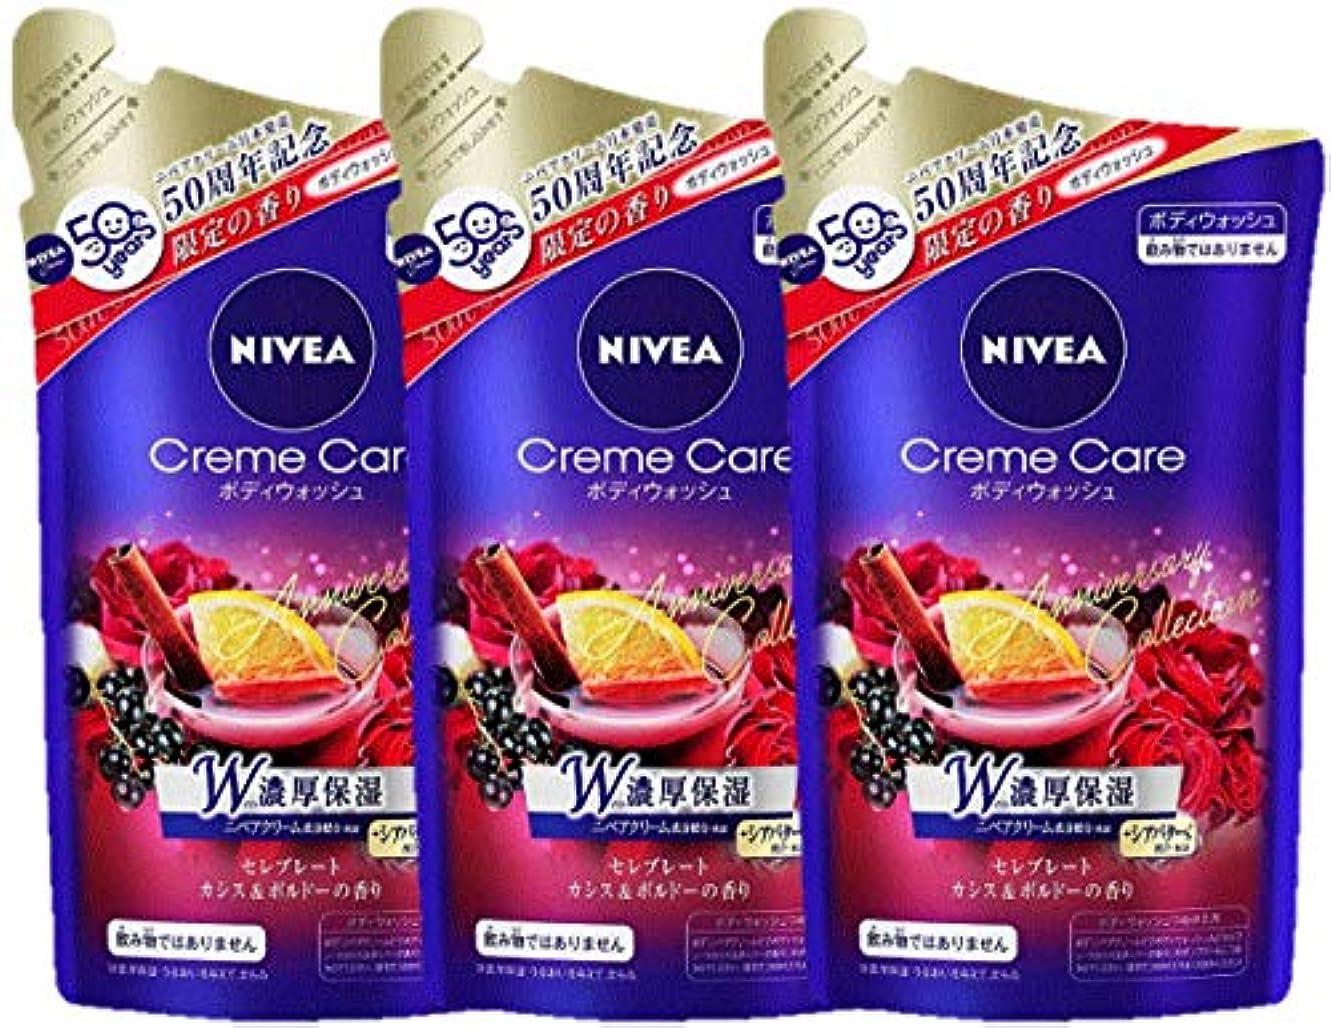 ブラジャー不幸激怒【まとめ買い】日本発売50周年記念 限定の香り ニベア クリームケア ボディウォッシュ セレブレート カシス&ボルドーの香り つめかえ用360ml×3個